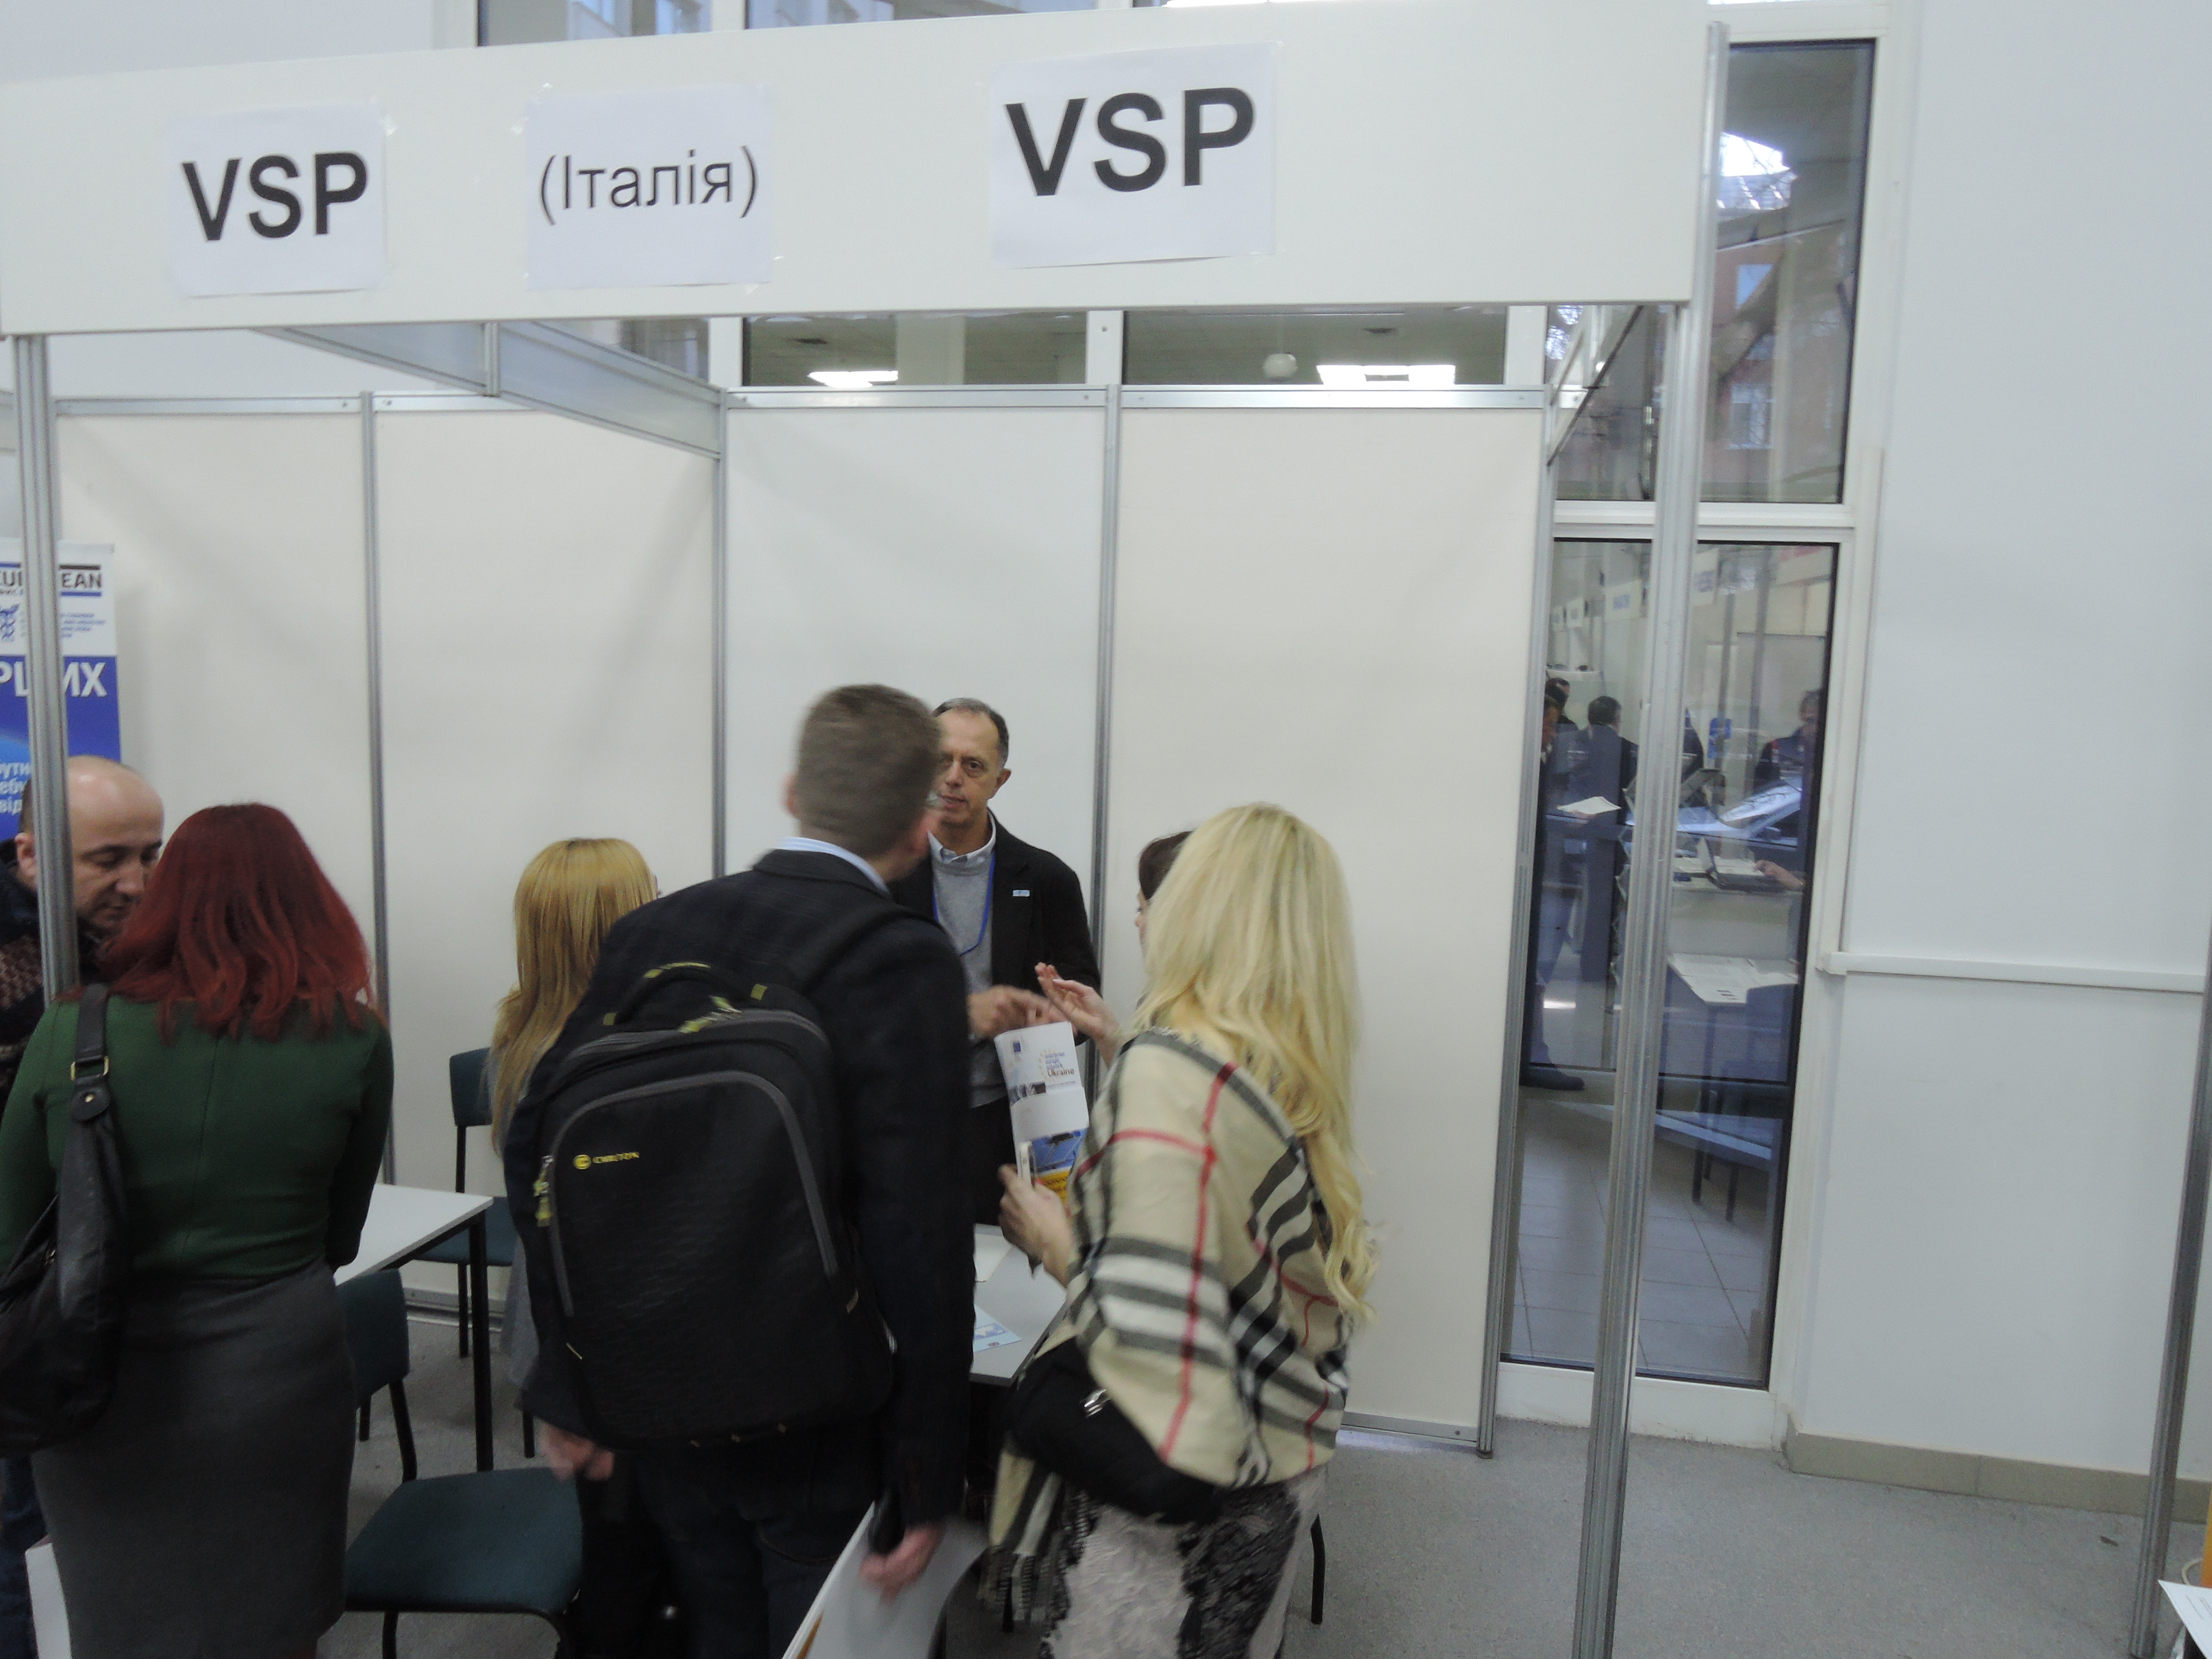 VSP in Ucraina per sostenere le SME